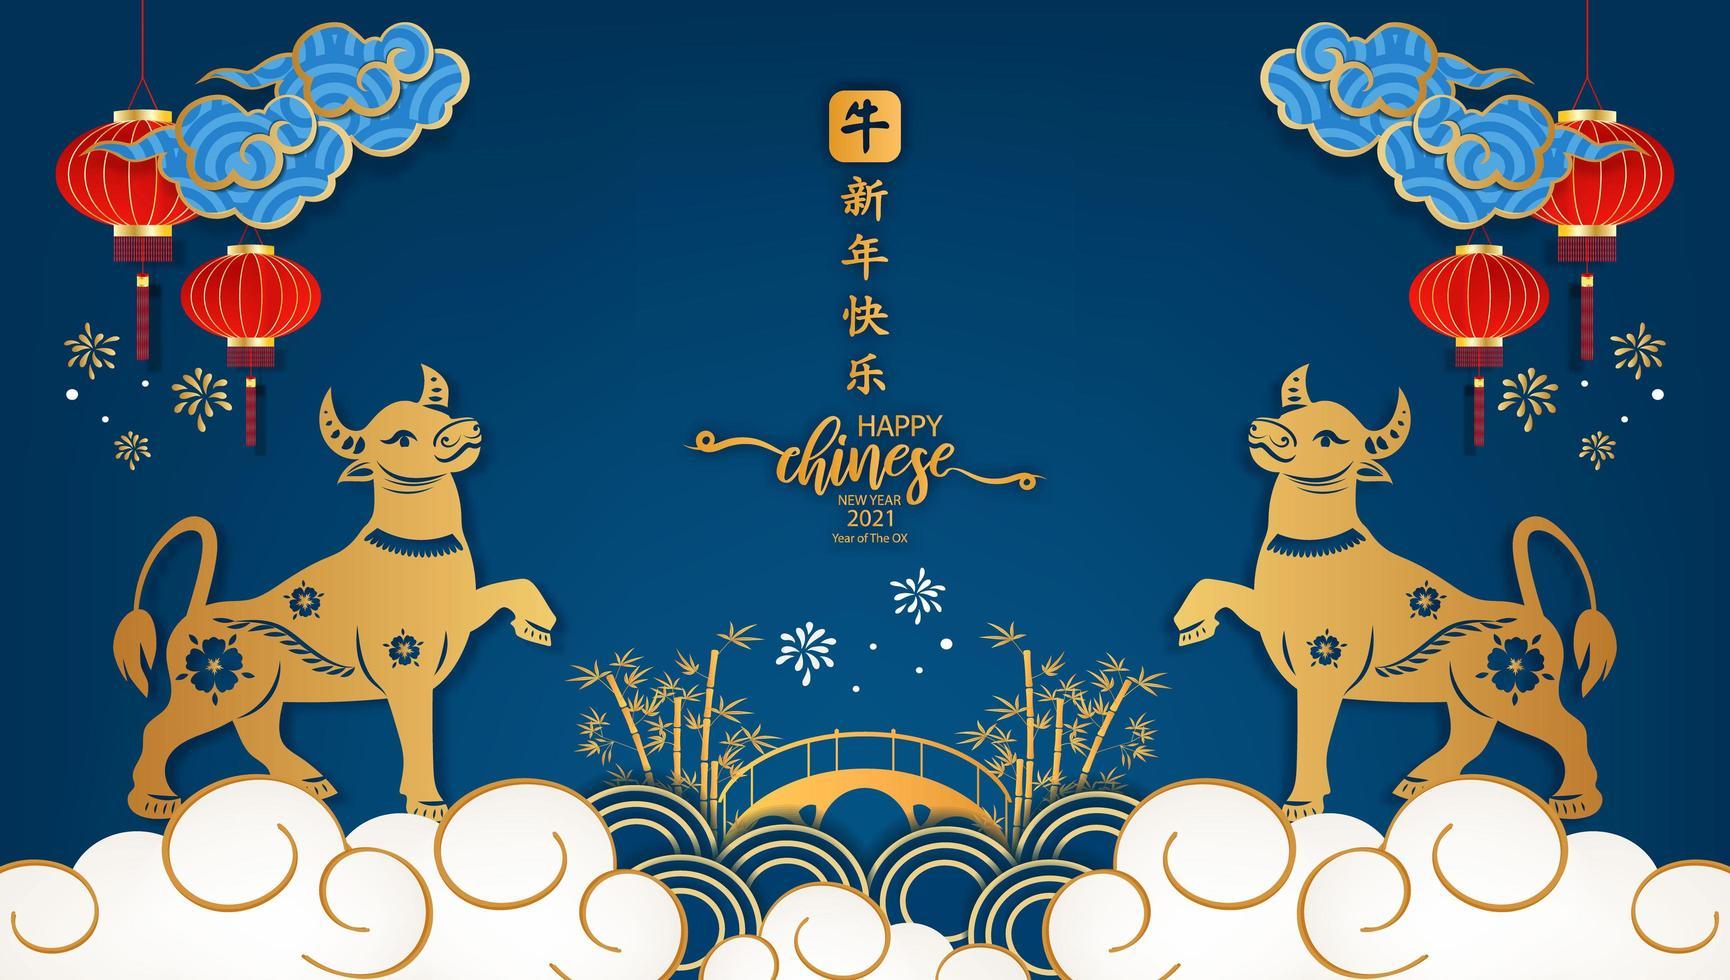 gott kinesiskt nyår 2021. år av ox charector bambool med asiatisk stil. kinesisk översättning är gott kinesiskt nytt år. vektor